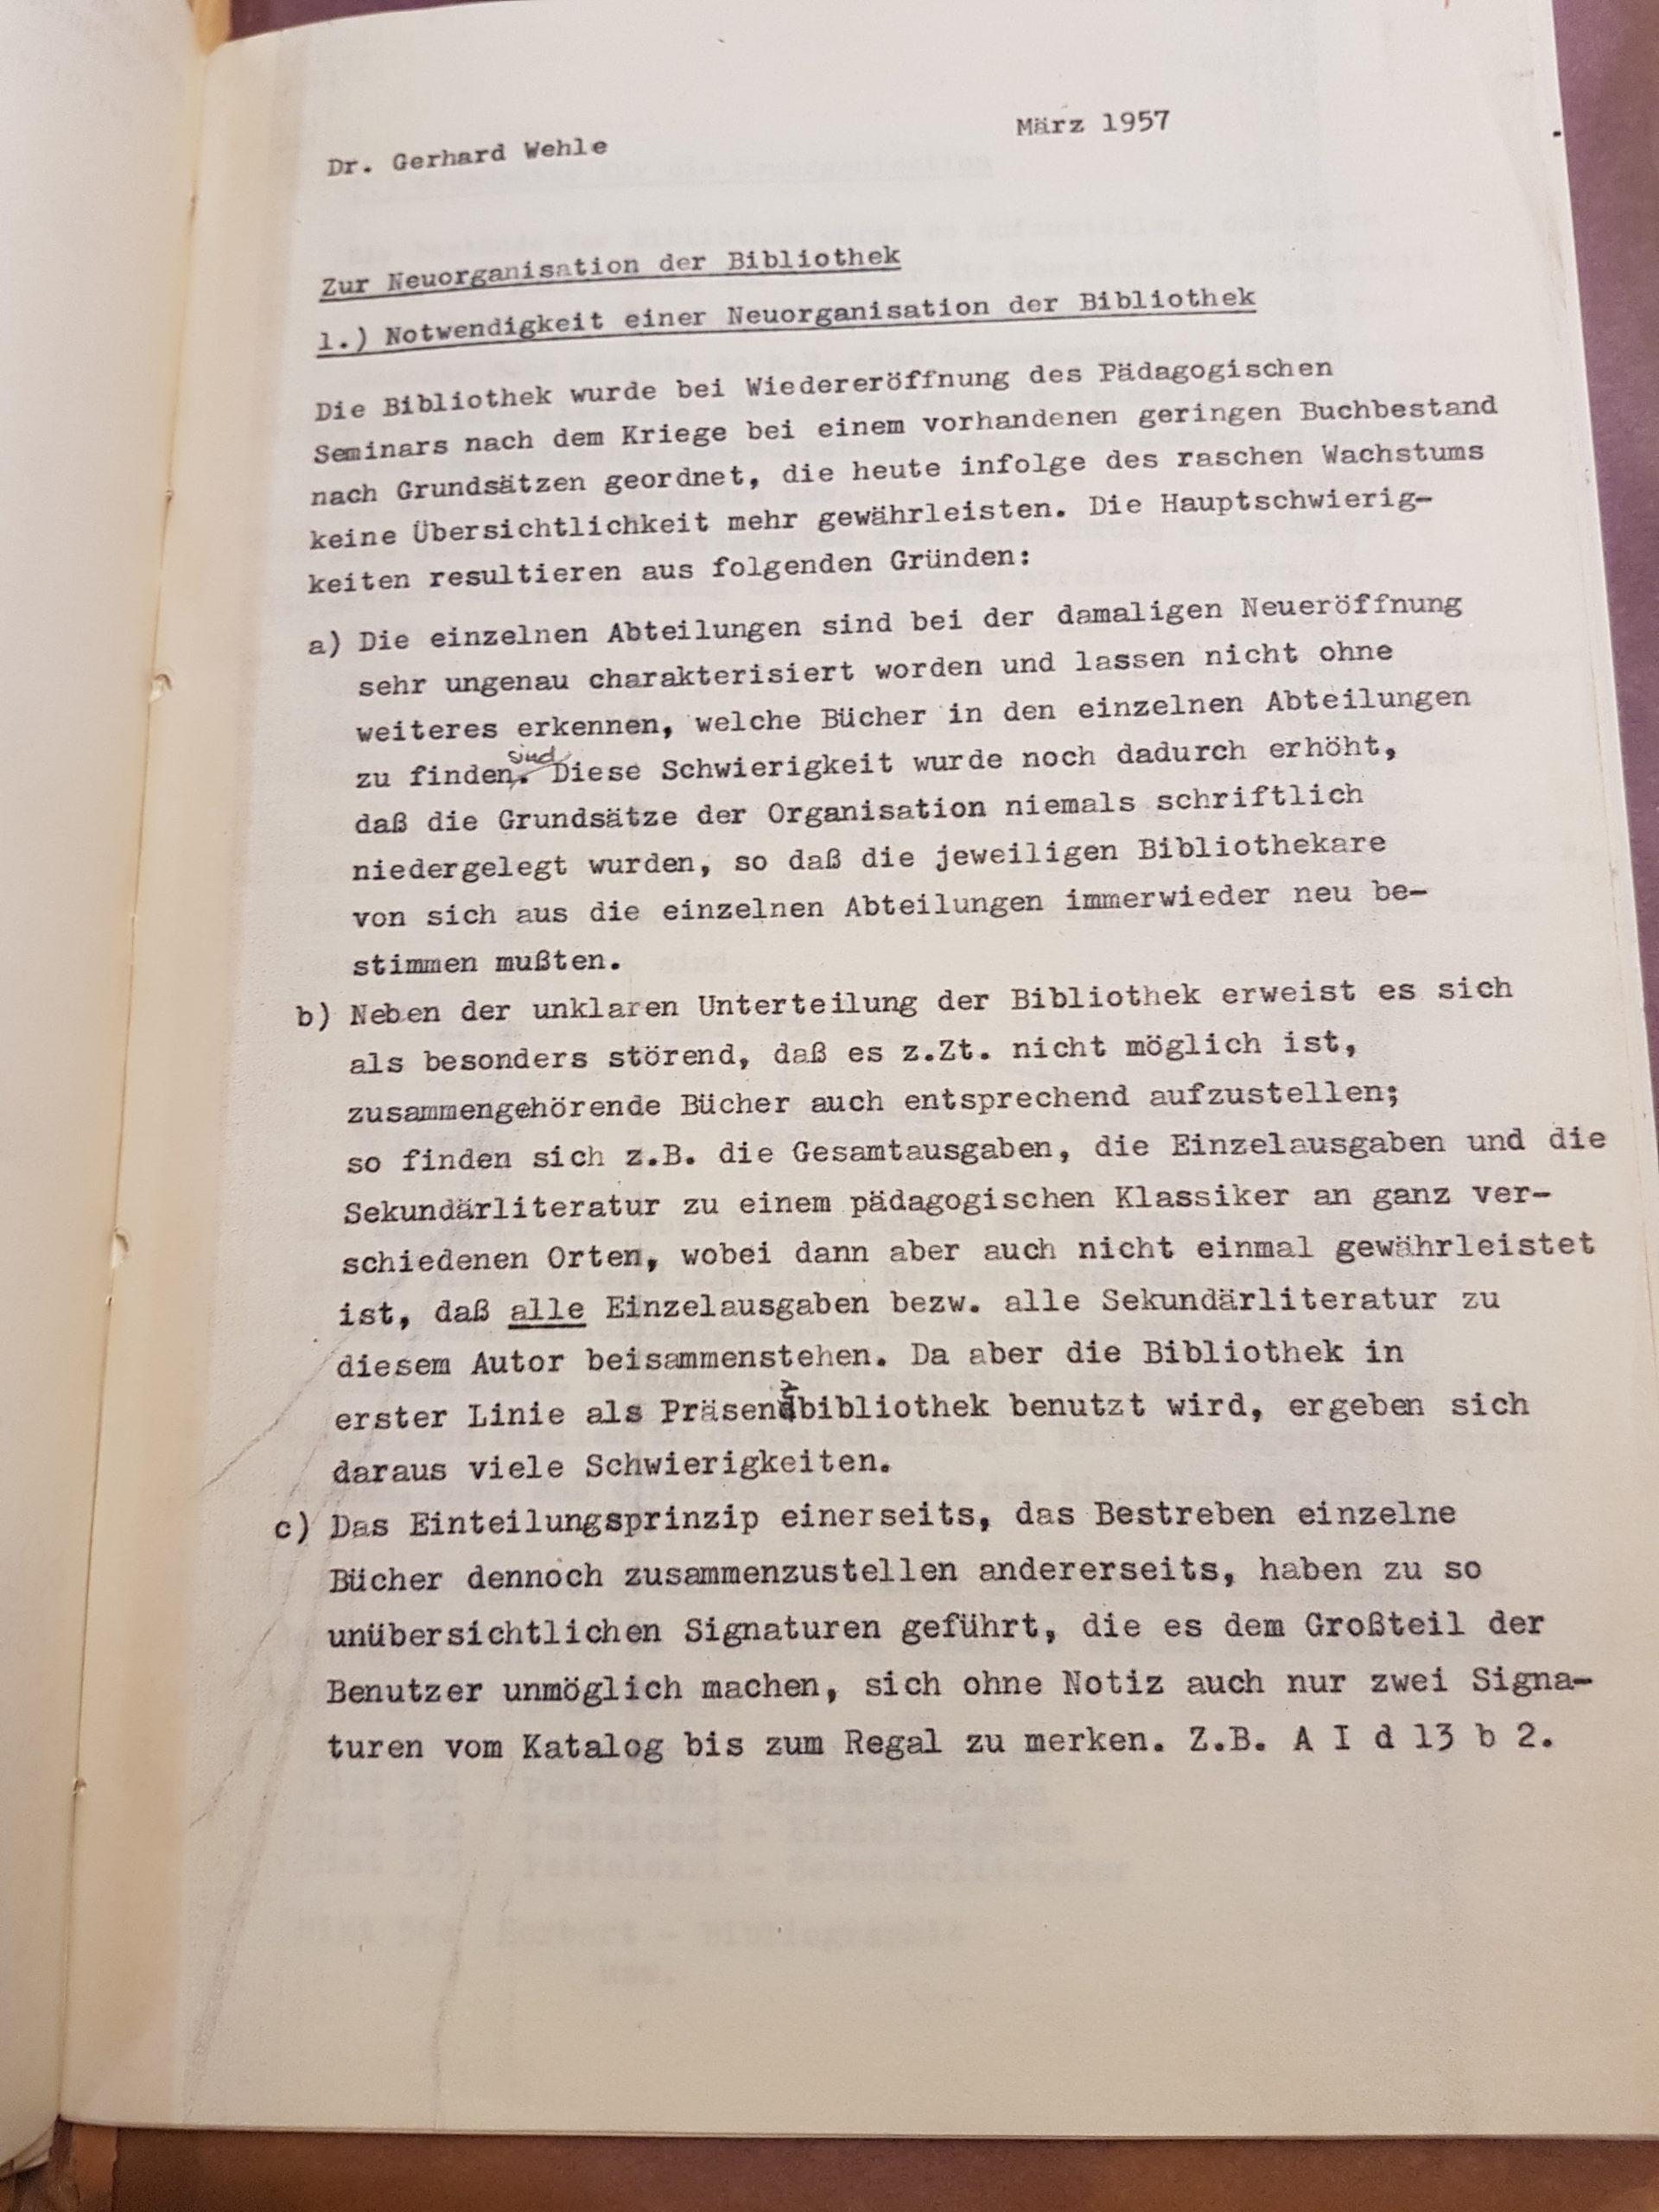 Entwurf Dr. Gerhard Wehles zur Neuordnung der Bibliothek des Pädagogischen Seminars vom März 1957, Seite 1. Quelle: Universitätsarchiv Göttingen, Kur. 1265, 41.